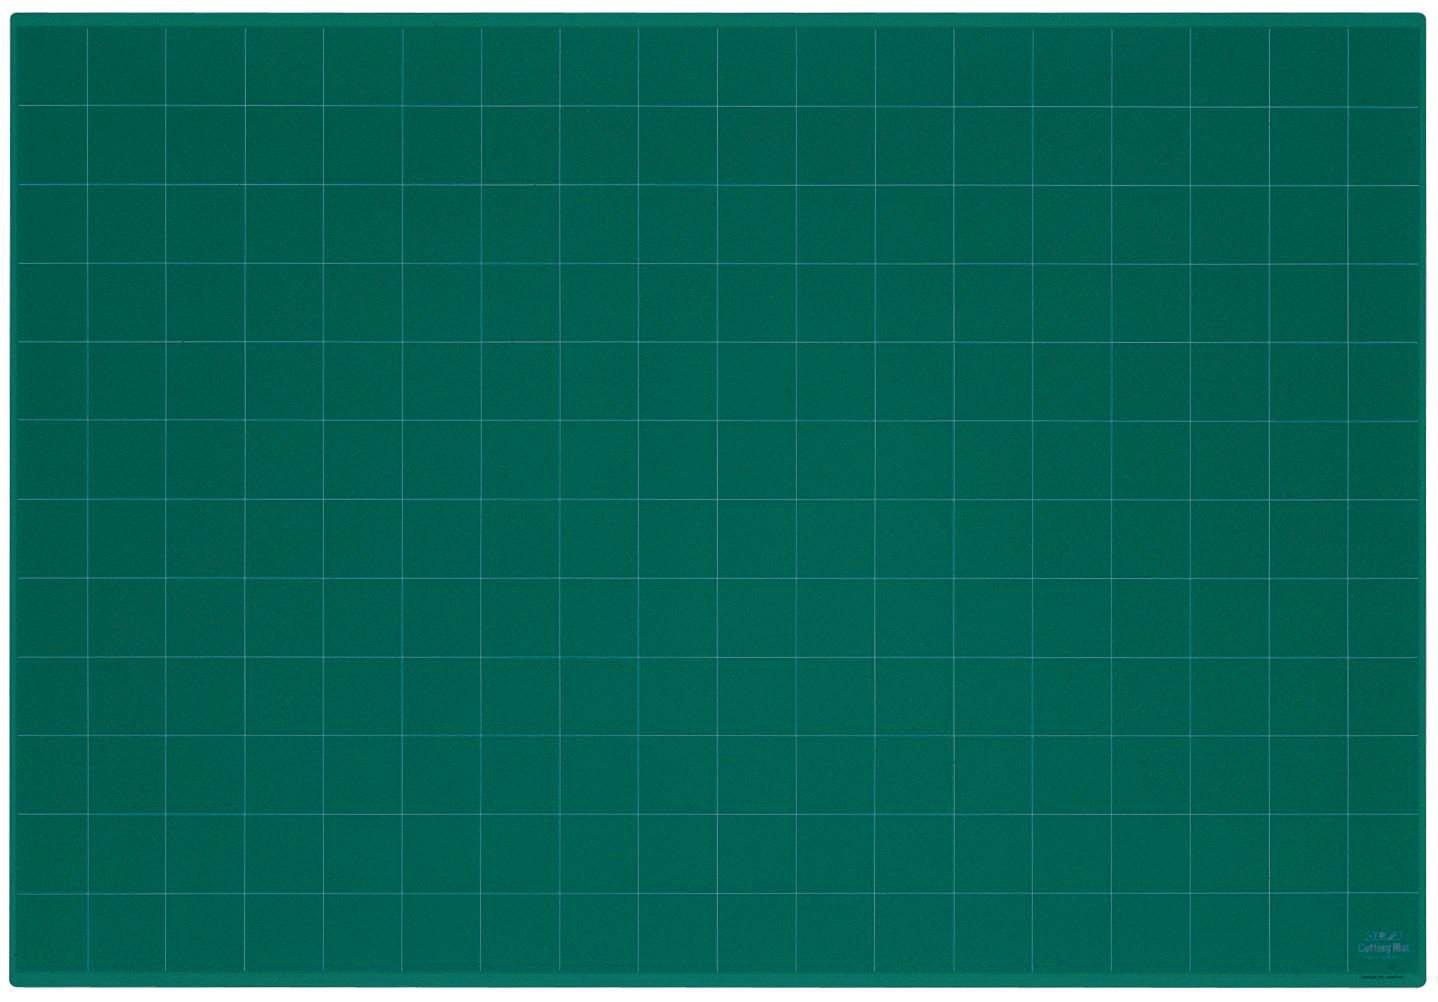 OLFA NCM-L 9832 Ncm-L Self-healing Cutting Mat, Green, 24'' x 6''